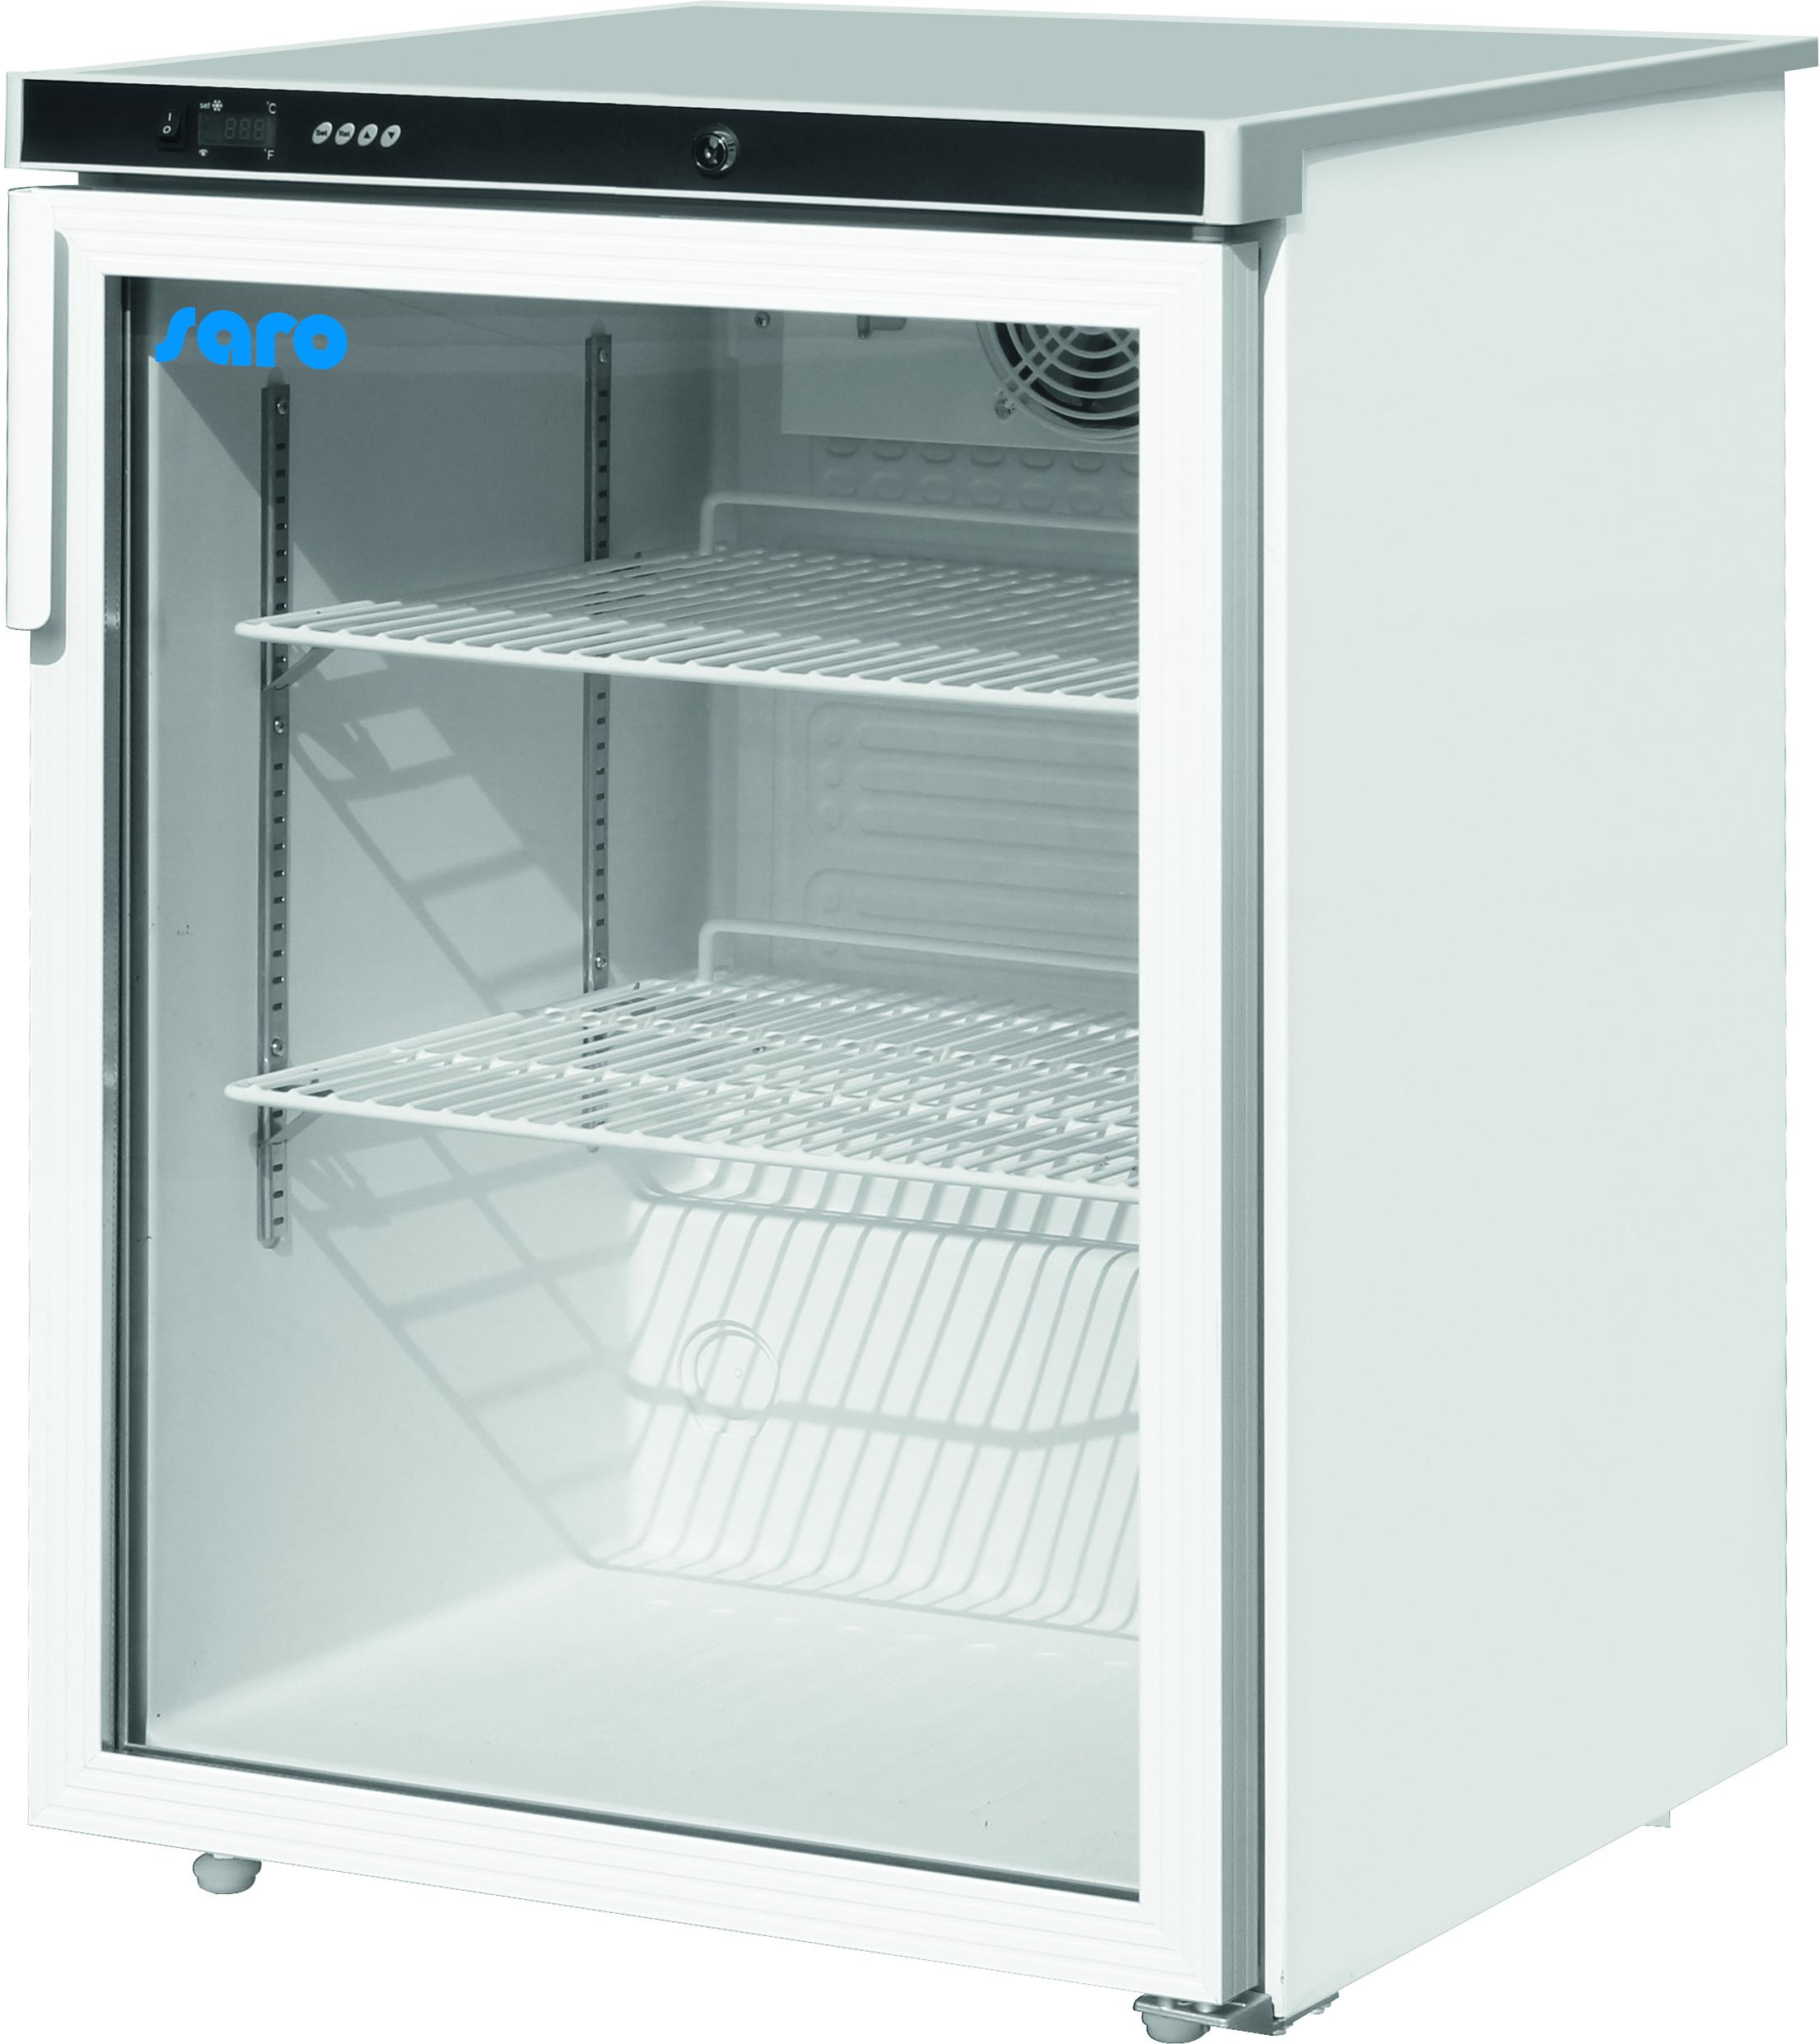 Schön Kühlschränke Düsseldorf Bilder - Die Designideen für ...